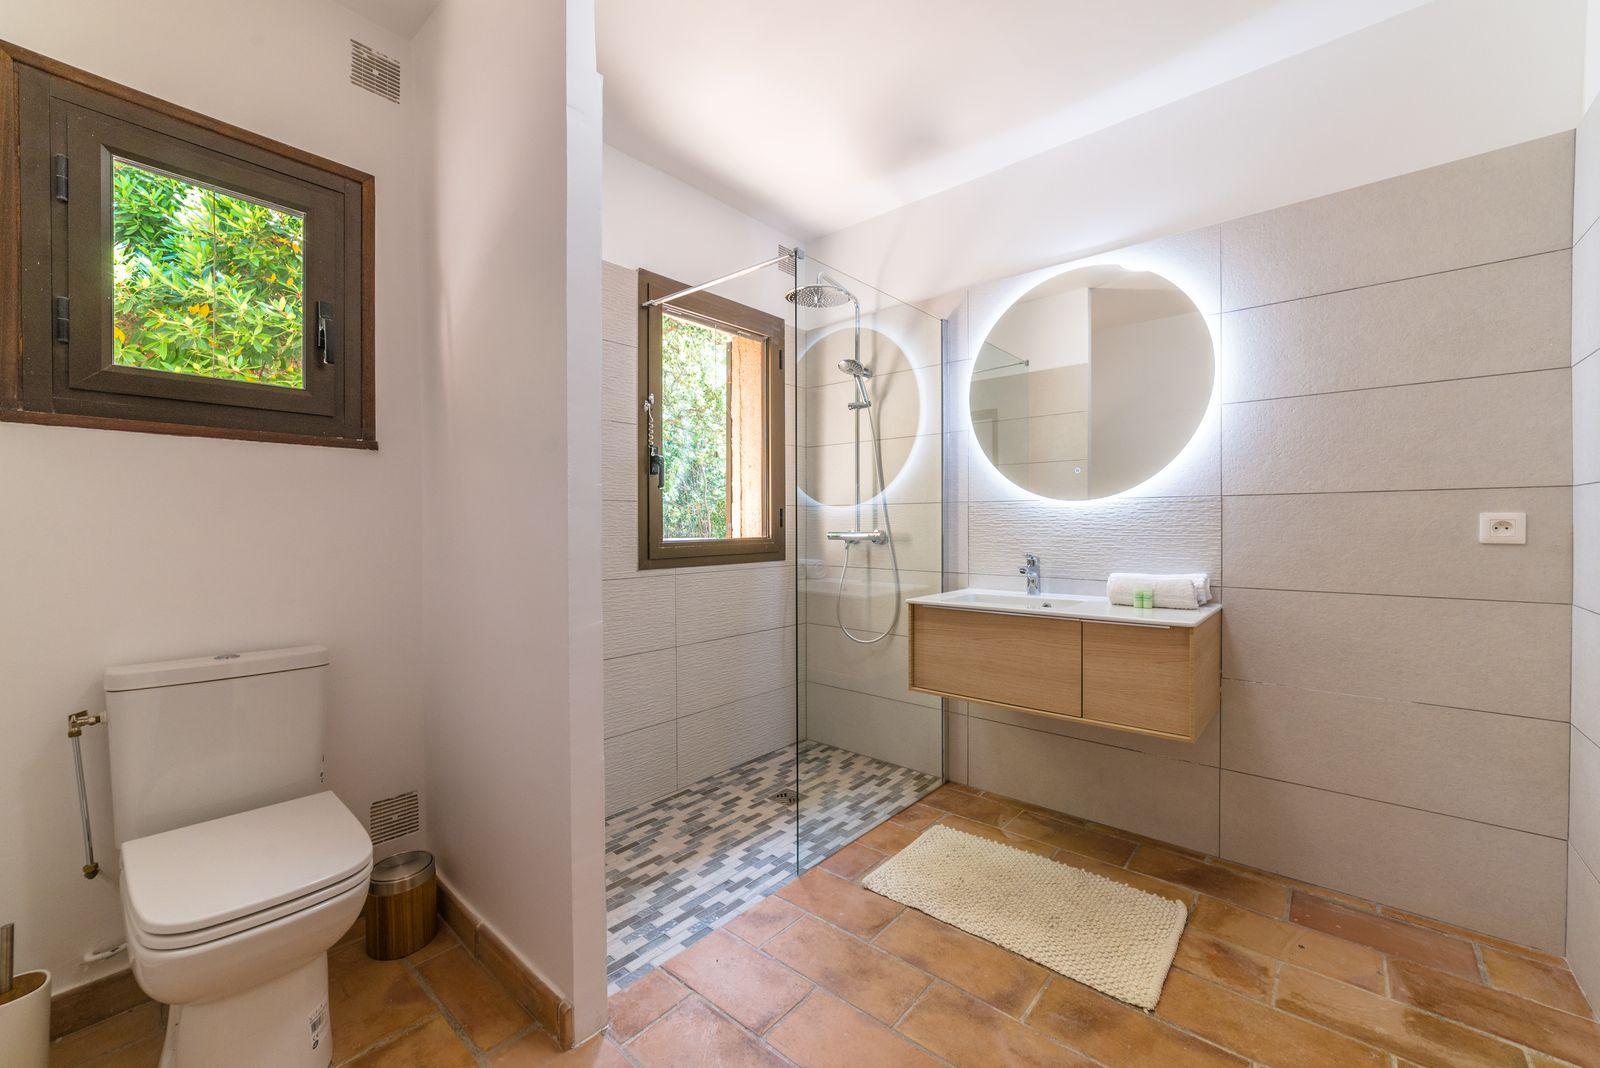 Rénovation de Salle de bains – Quilici Rénovation, rénovation d